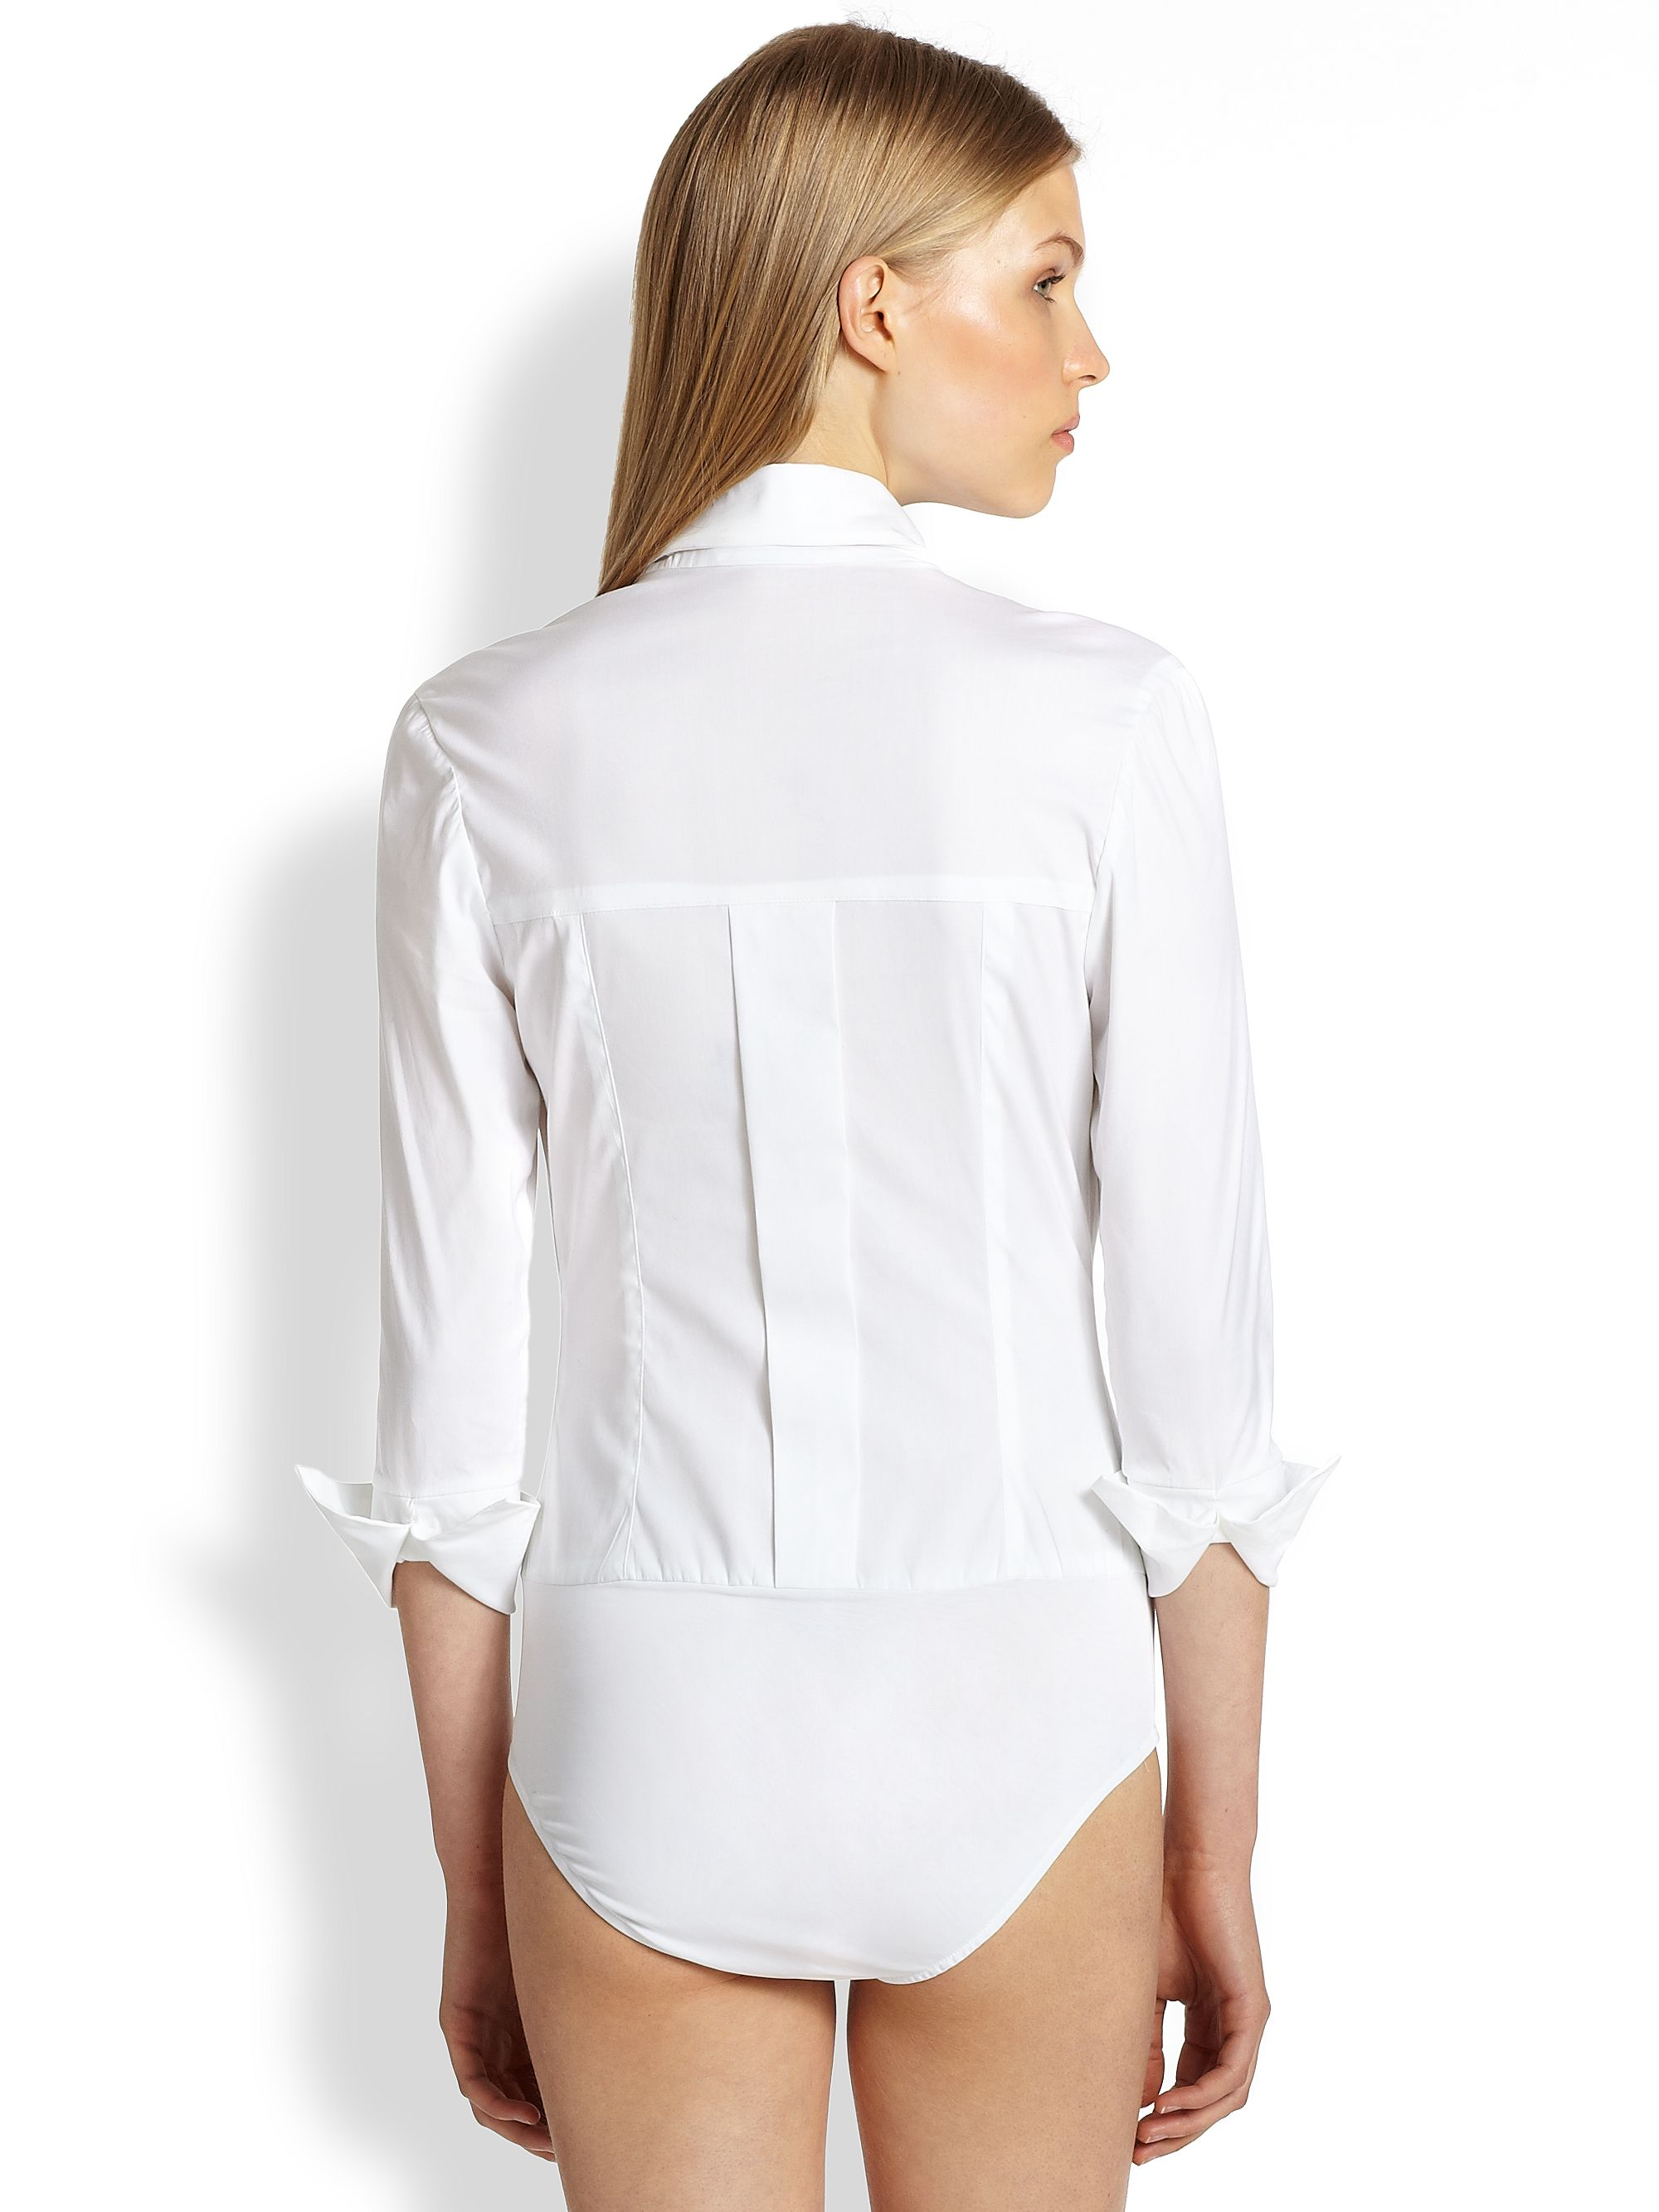 2b2cbc332e02 Классического кроя однотонные брюки и юбки-тюльпаны станут стильным  дополнением к таким блузам. Наличие в гардеробе трех-четырех блузок-боди  разных цветов ...